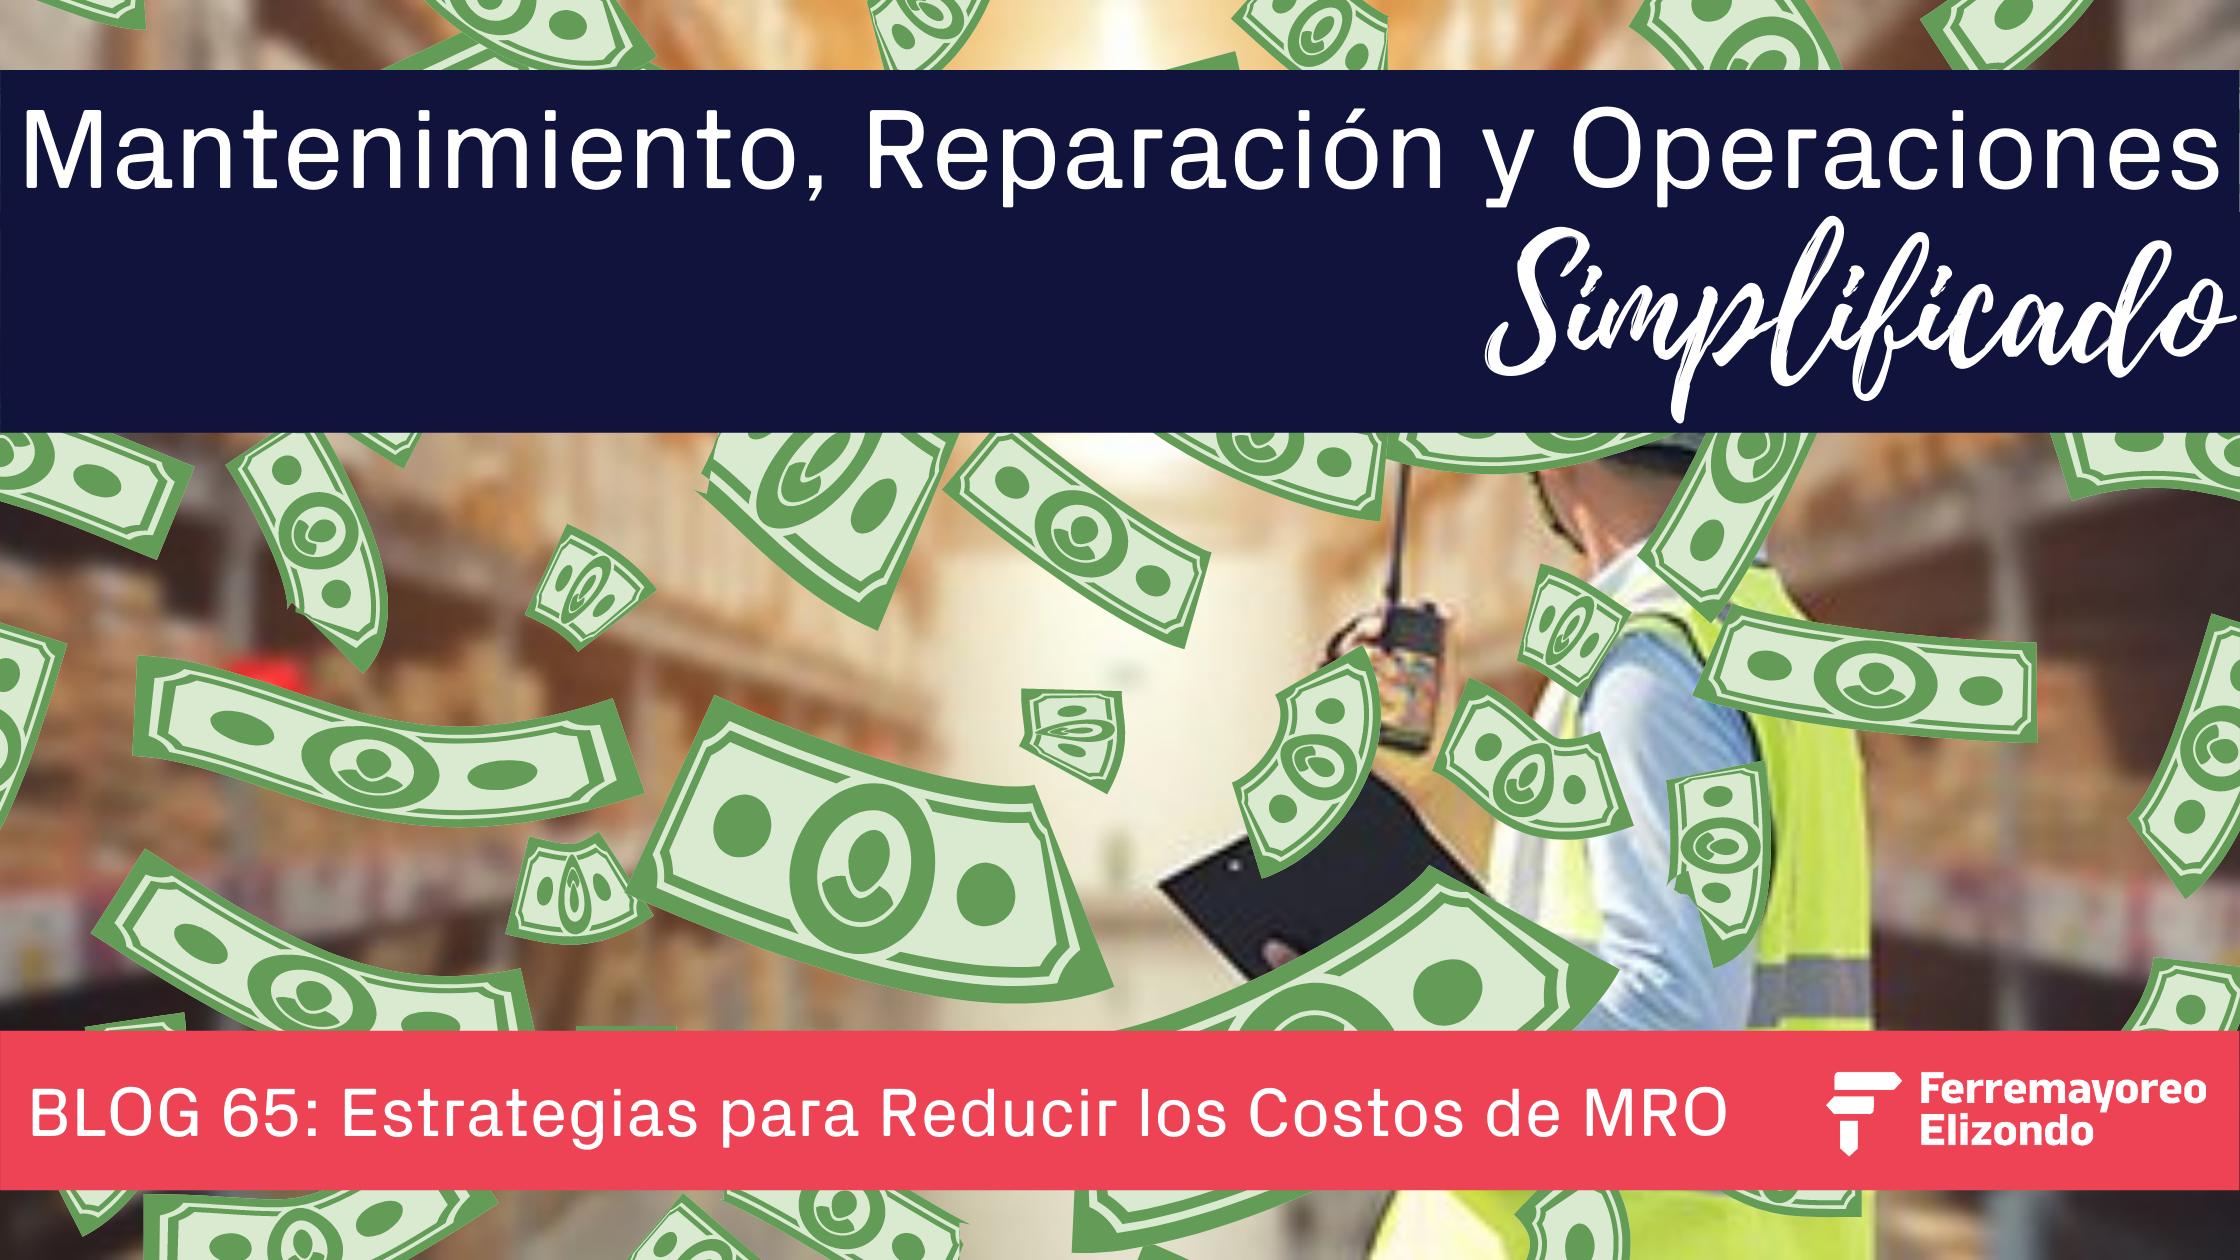 MRO Simplificado: 7 Estrategias para Reducir Costos de MRO